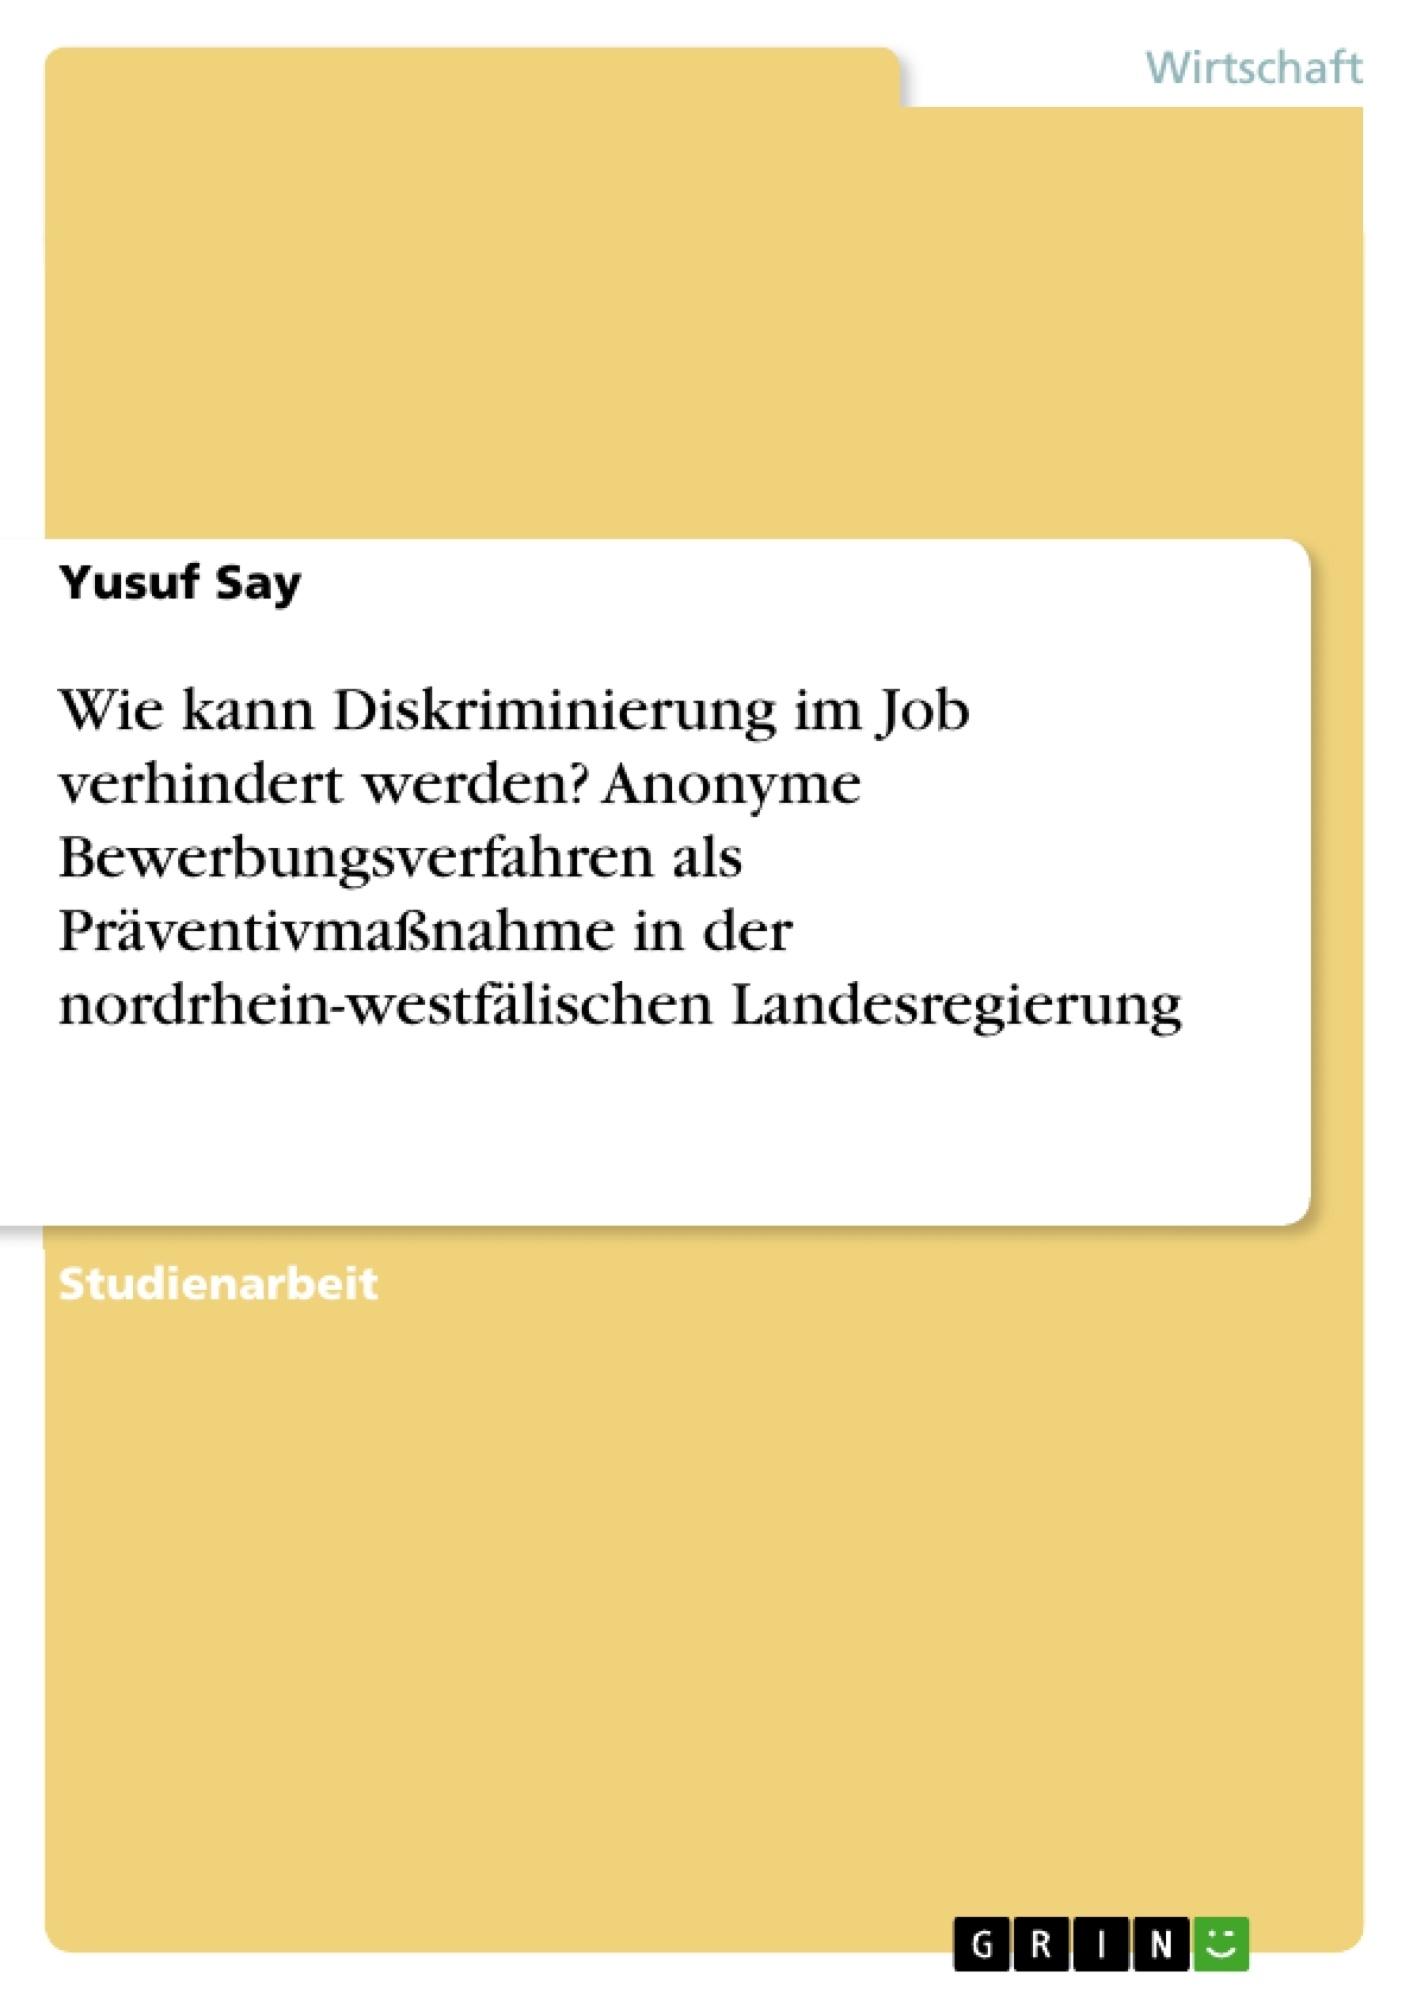 Titel: Wie kann Diskriminierung im Job verhindert werden? Anonyme Bewerbungsverfahren als Präventivmaßnahme in der nordrhein-westfälischen Landesregierung